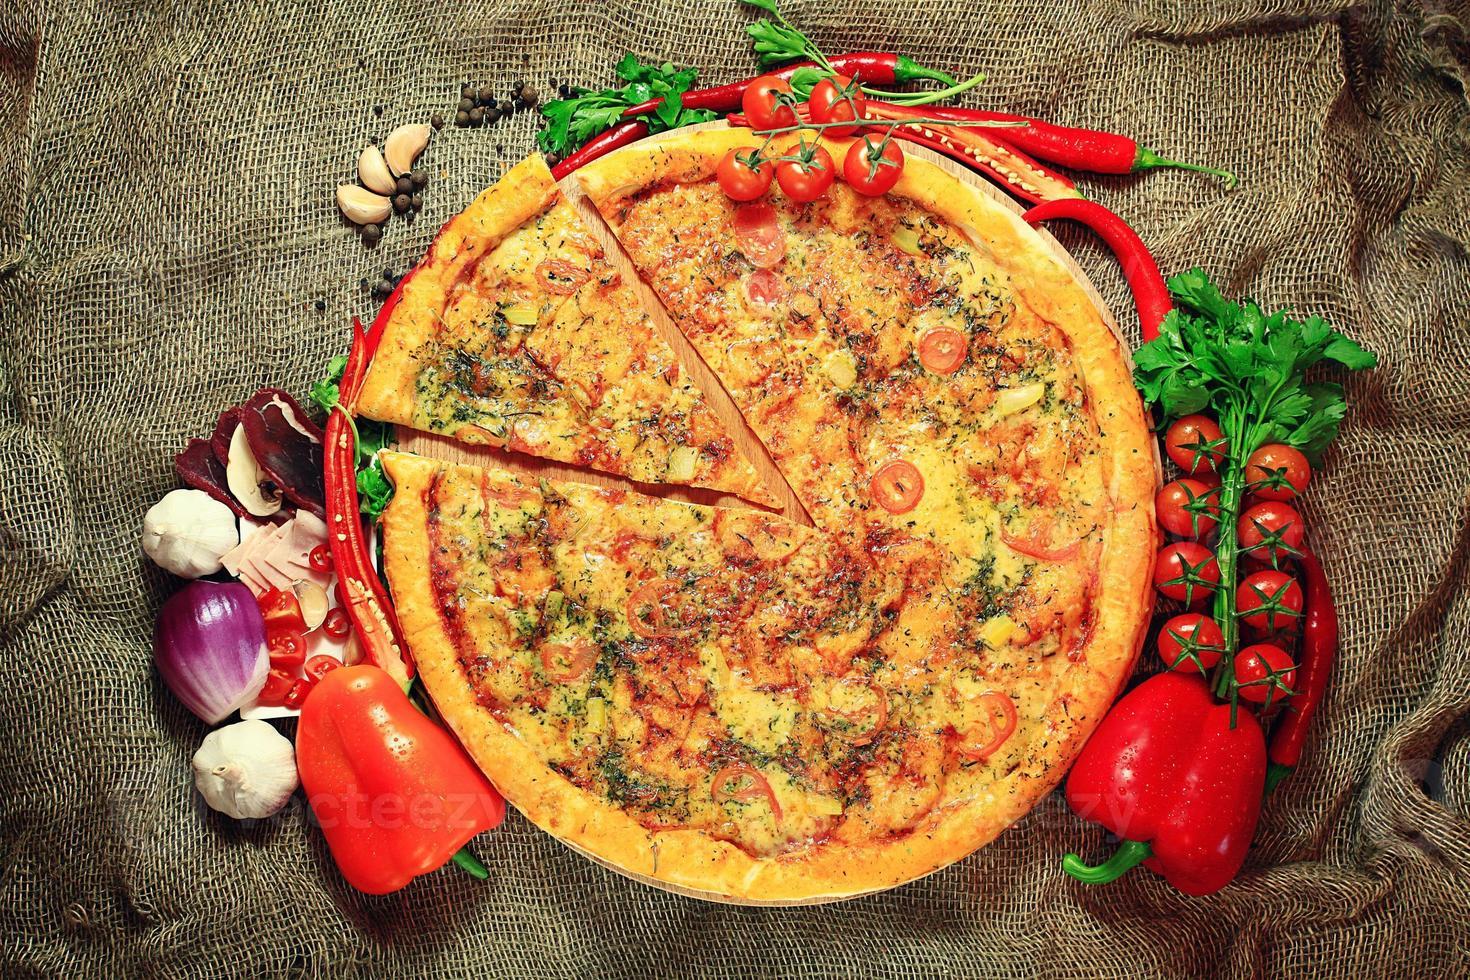 pizza con verduras y hierbas fondo rústico foto